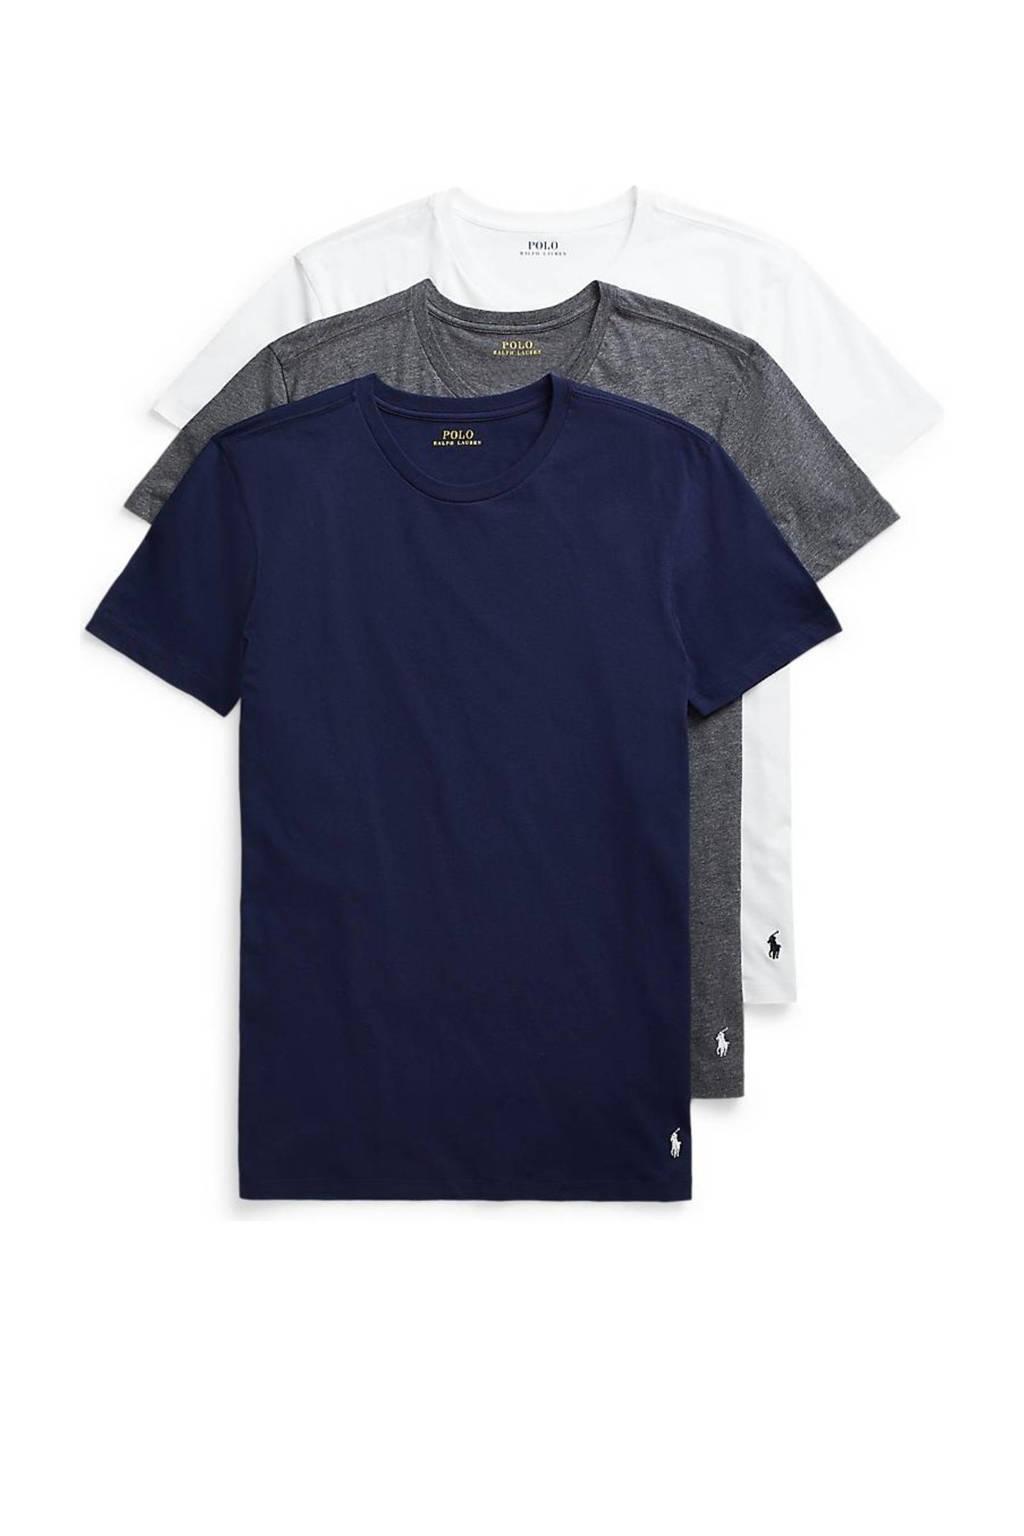 POLO Ralph Lauren T-shirt (set van 3), Marine/antraciet/wit